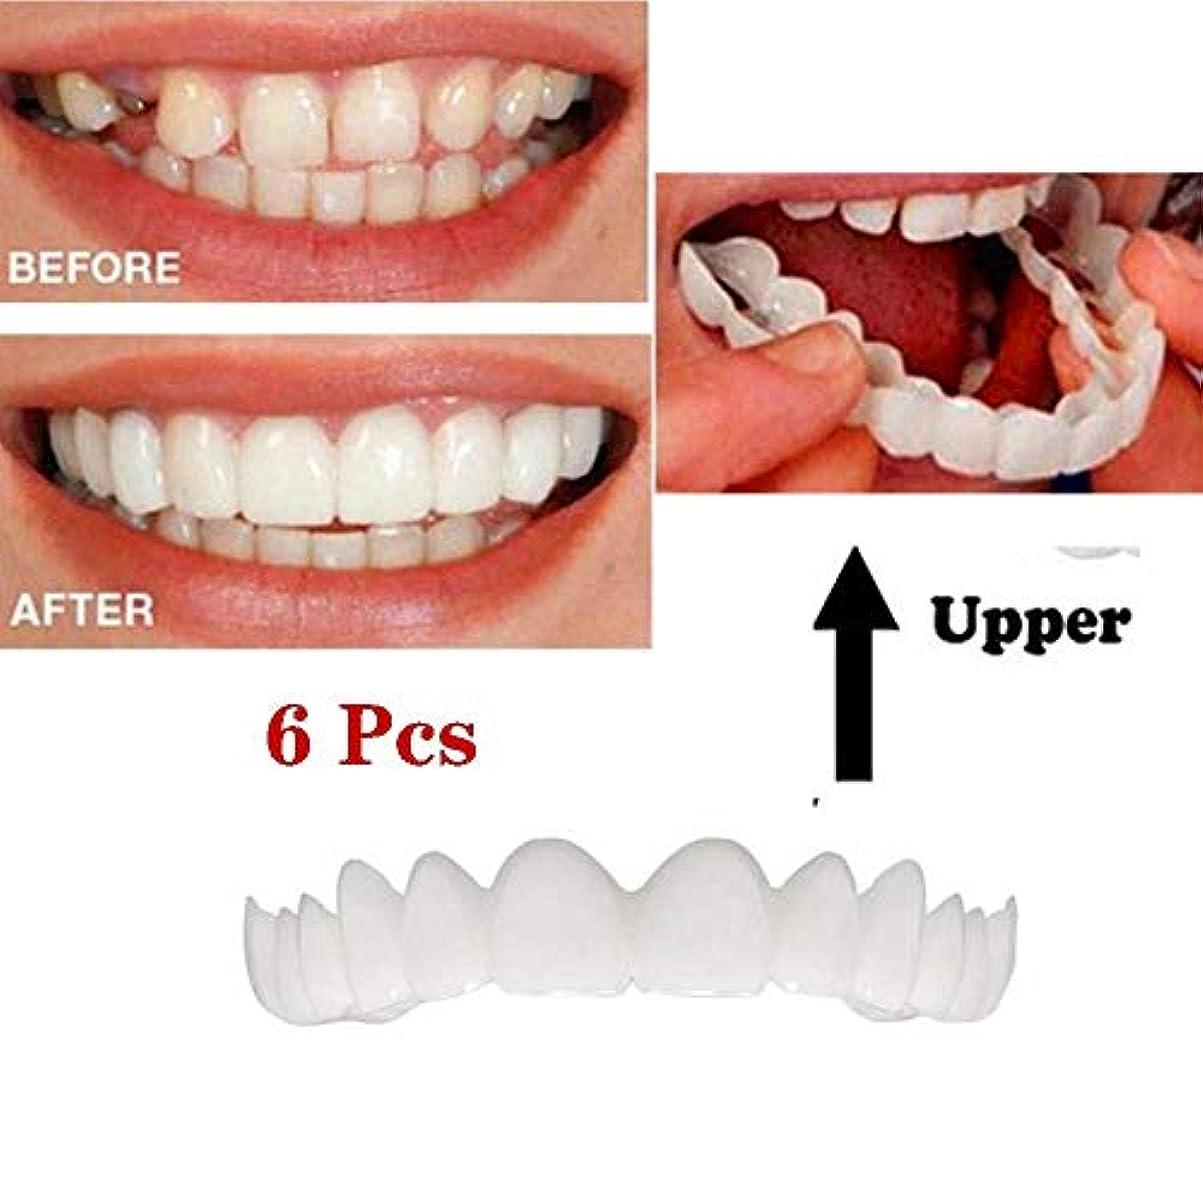 安定しました現在感覚6個シリコーン偽の歯偽歯カバーホワイトニング義歯オーラルケア歯ホワイトニングデンタルオーラルケアアッパーブレース仮化粧品歯義歯